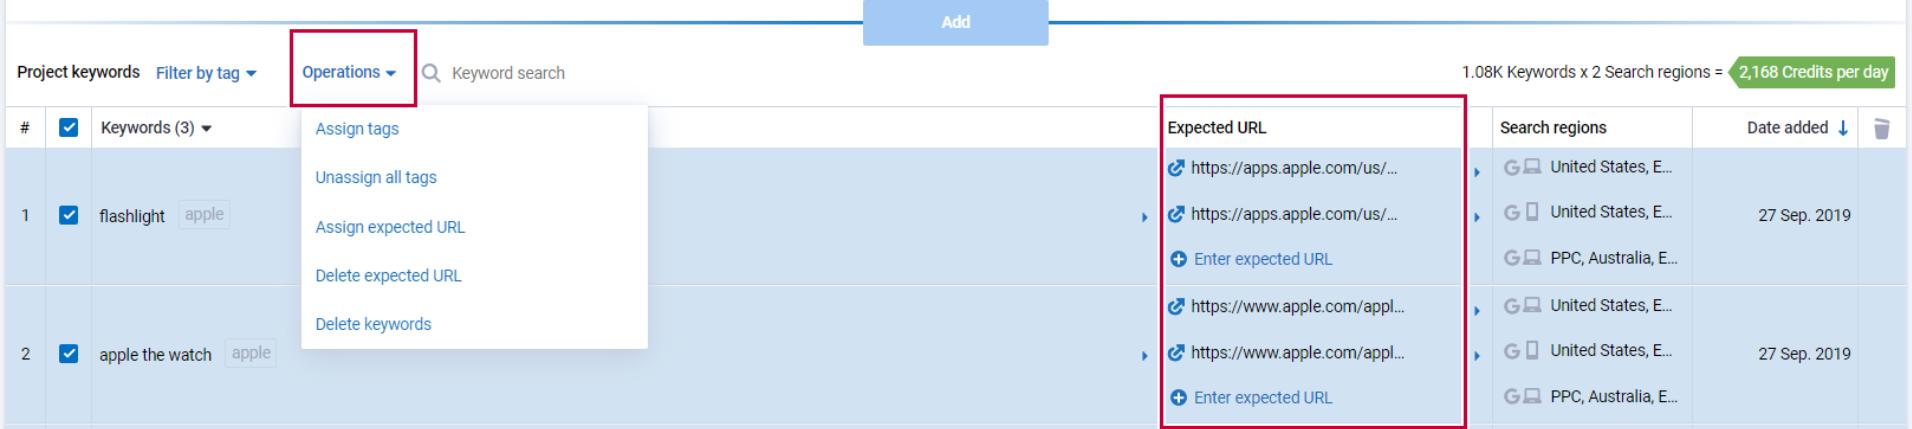 Can I add URLs to keywords by tag? 16261788764273